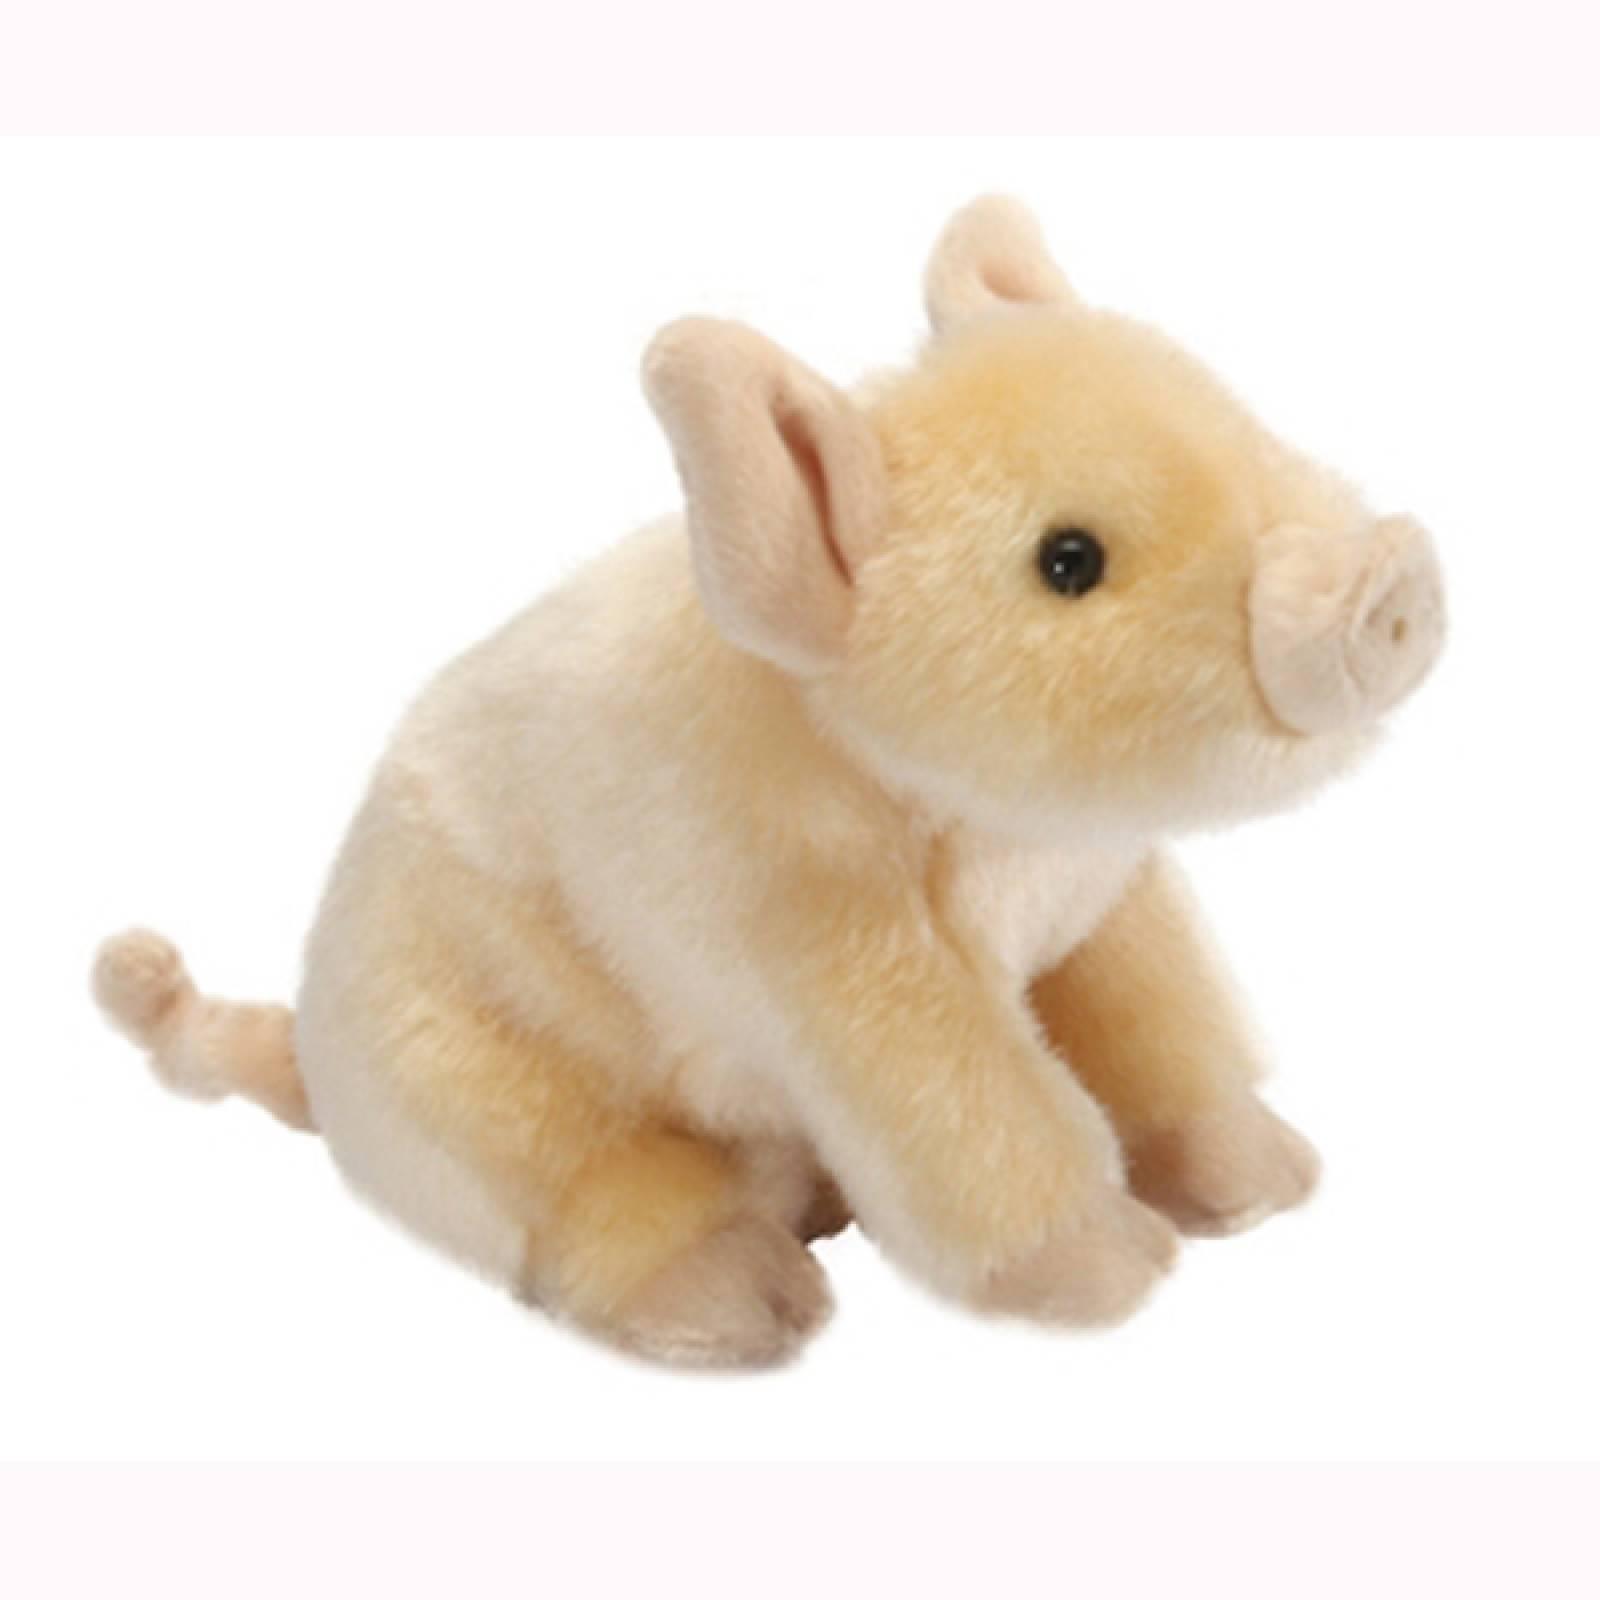 Piglet Soft Toy 0+ thumbnails